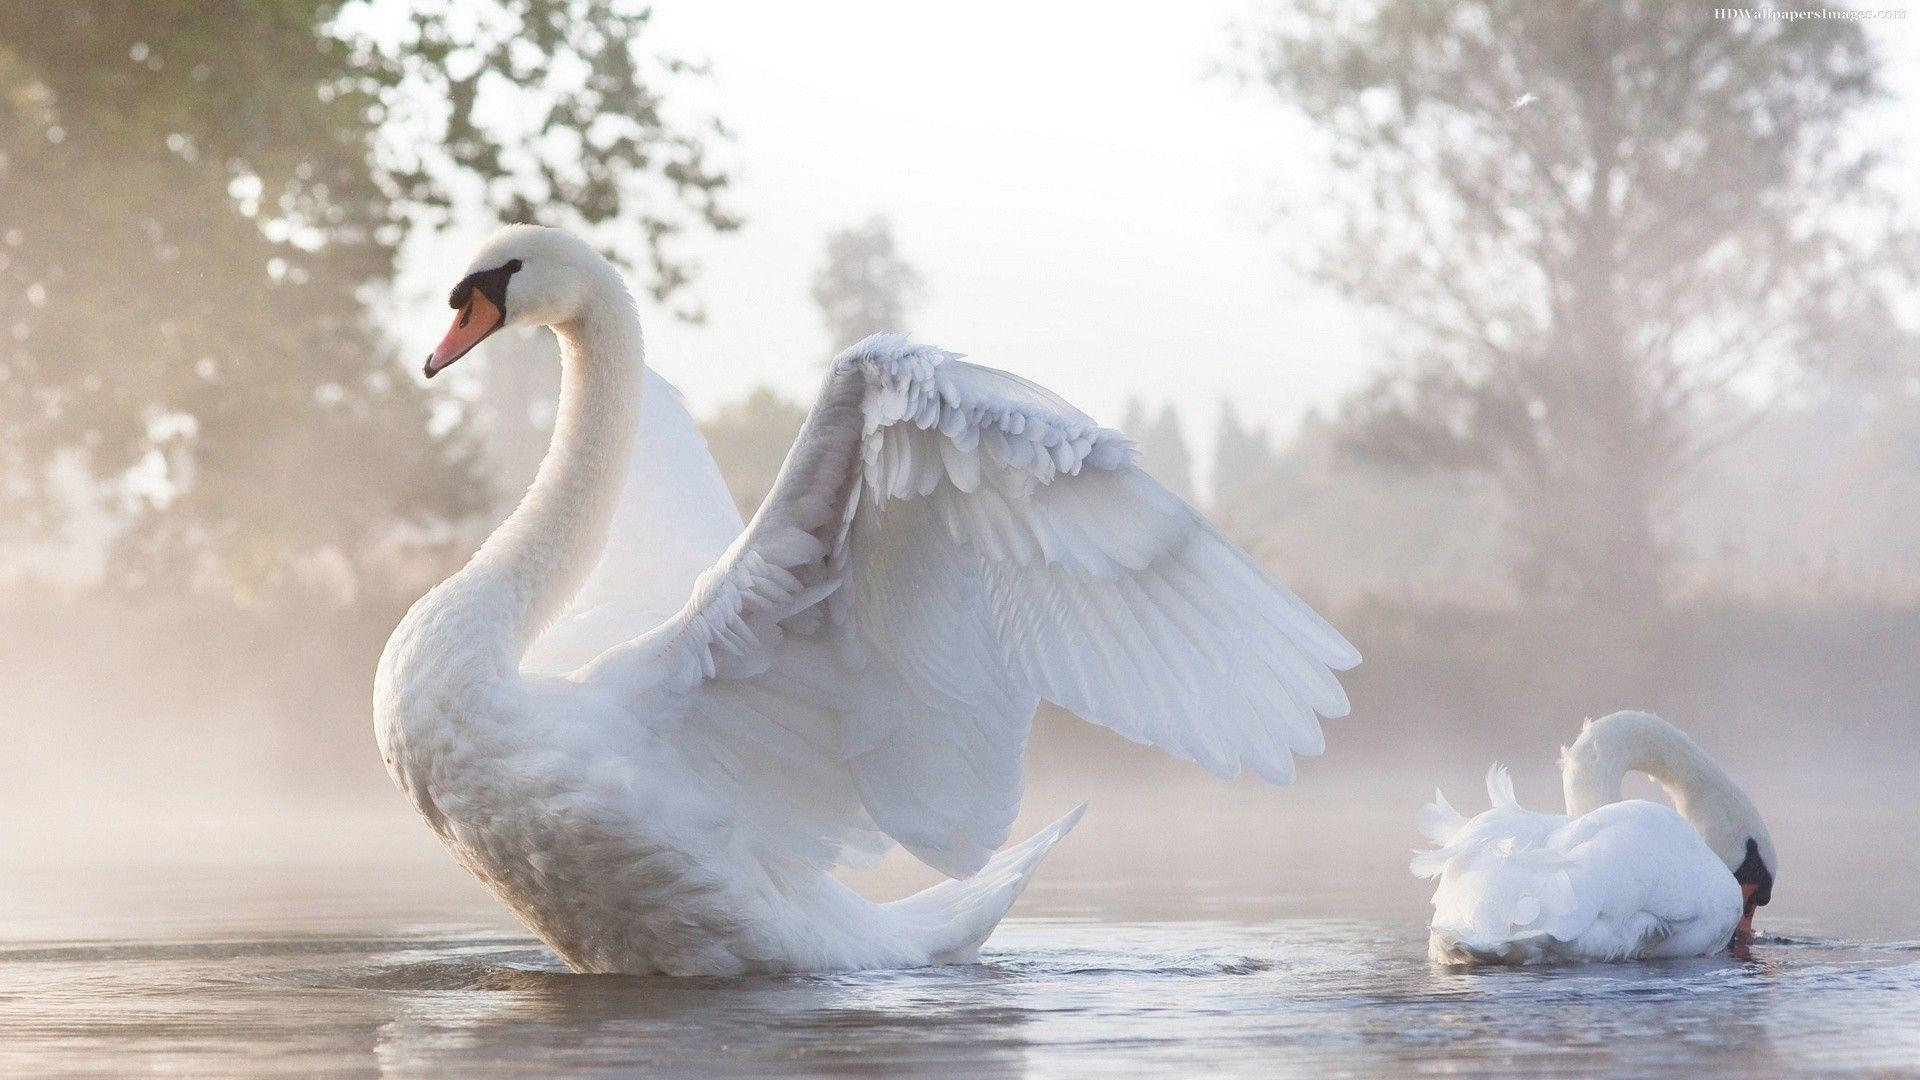 Swan in Lake Wallpaper Mobile Desktop